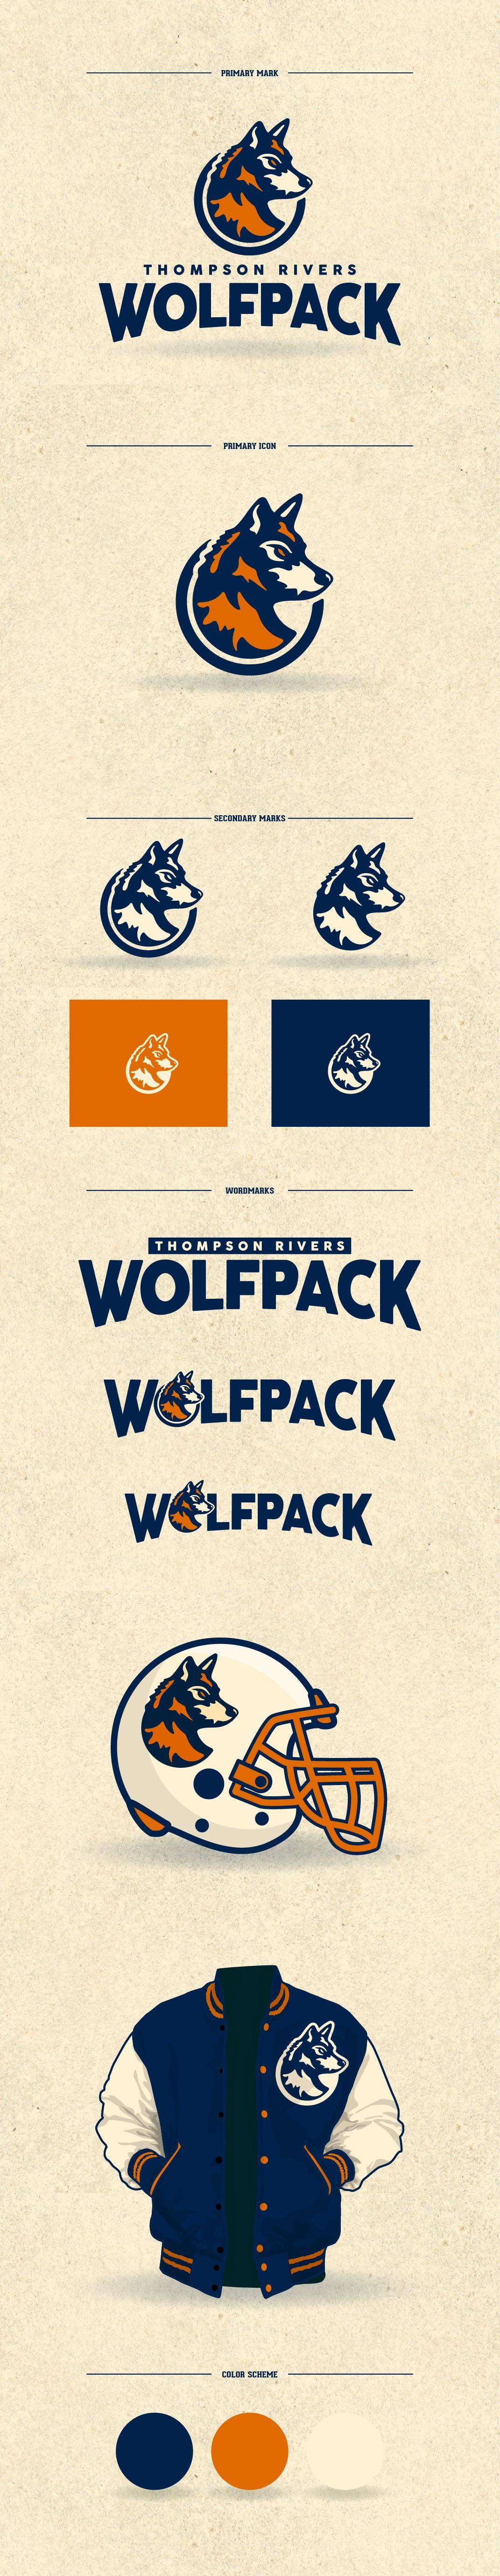 Thompson Rivers Wolfpack on Behance Shirt logo design